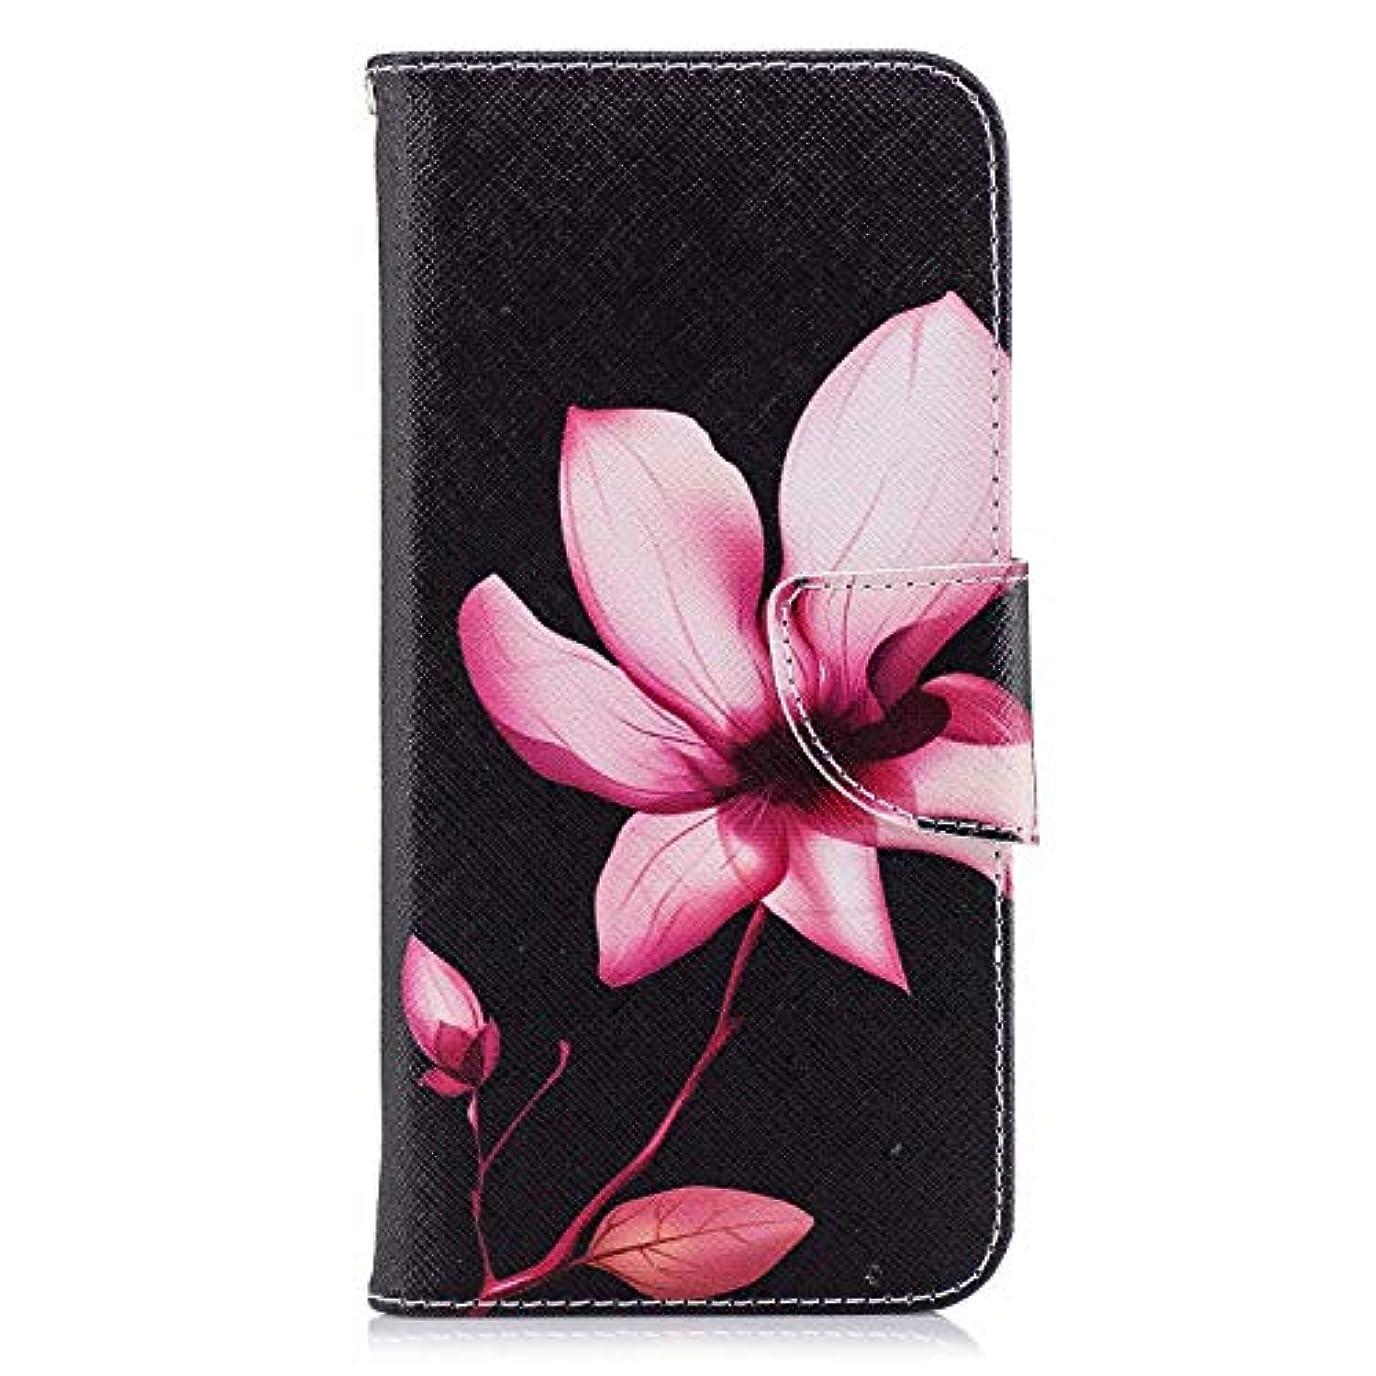 ファン熟練した高価なOMATENTI Huawei P Smart ケース, ファッション人気 PUレザー 手帳 軽量 電話ケース 耐衝撃性 落下防止 薄型 スマホケースザー 付きスタンド機能, マグネット開閉式 そしてカード収納 Huawei...